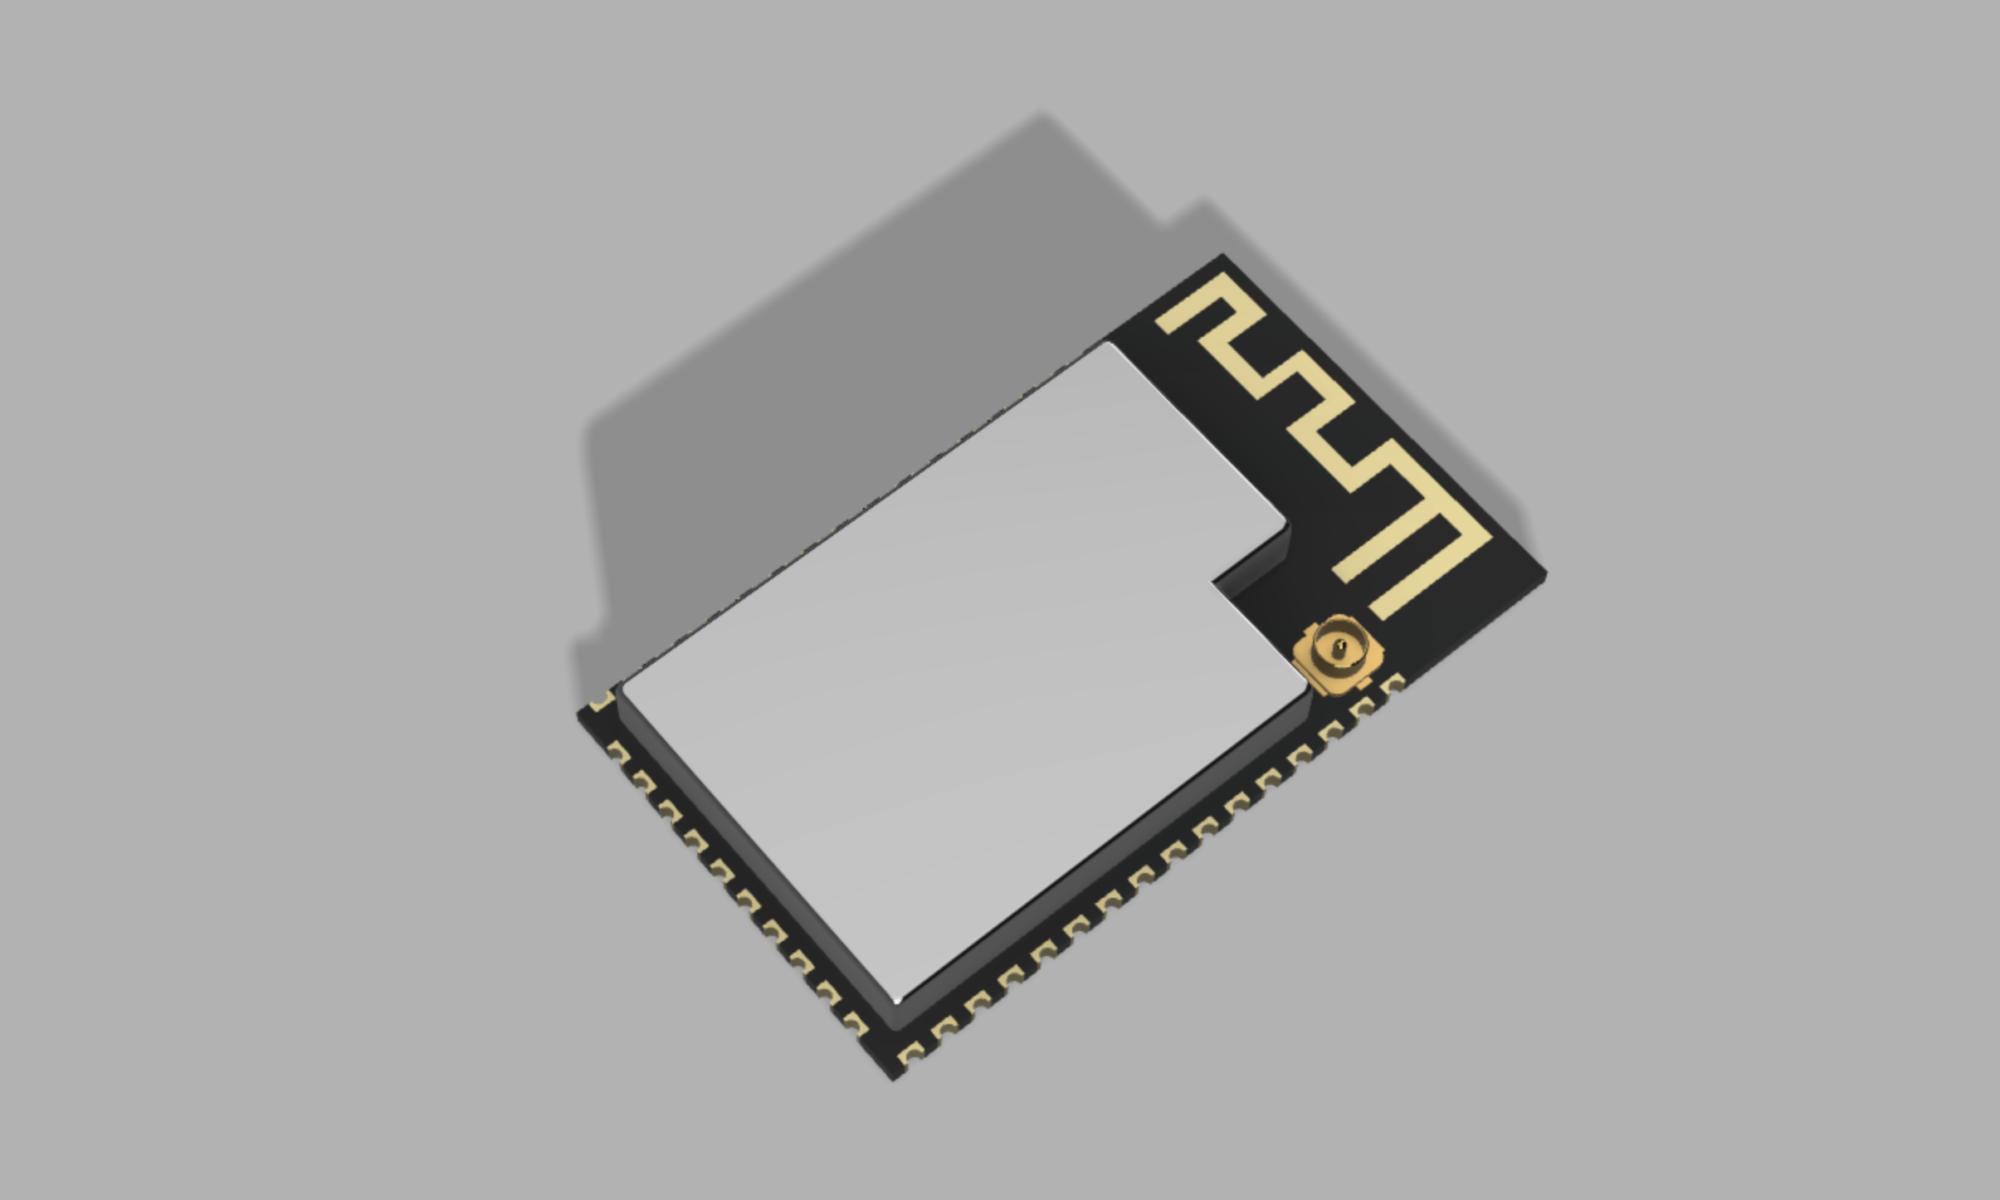 esp32-s2-wrover rendering